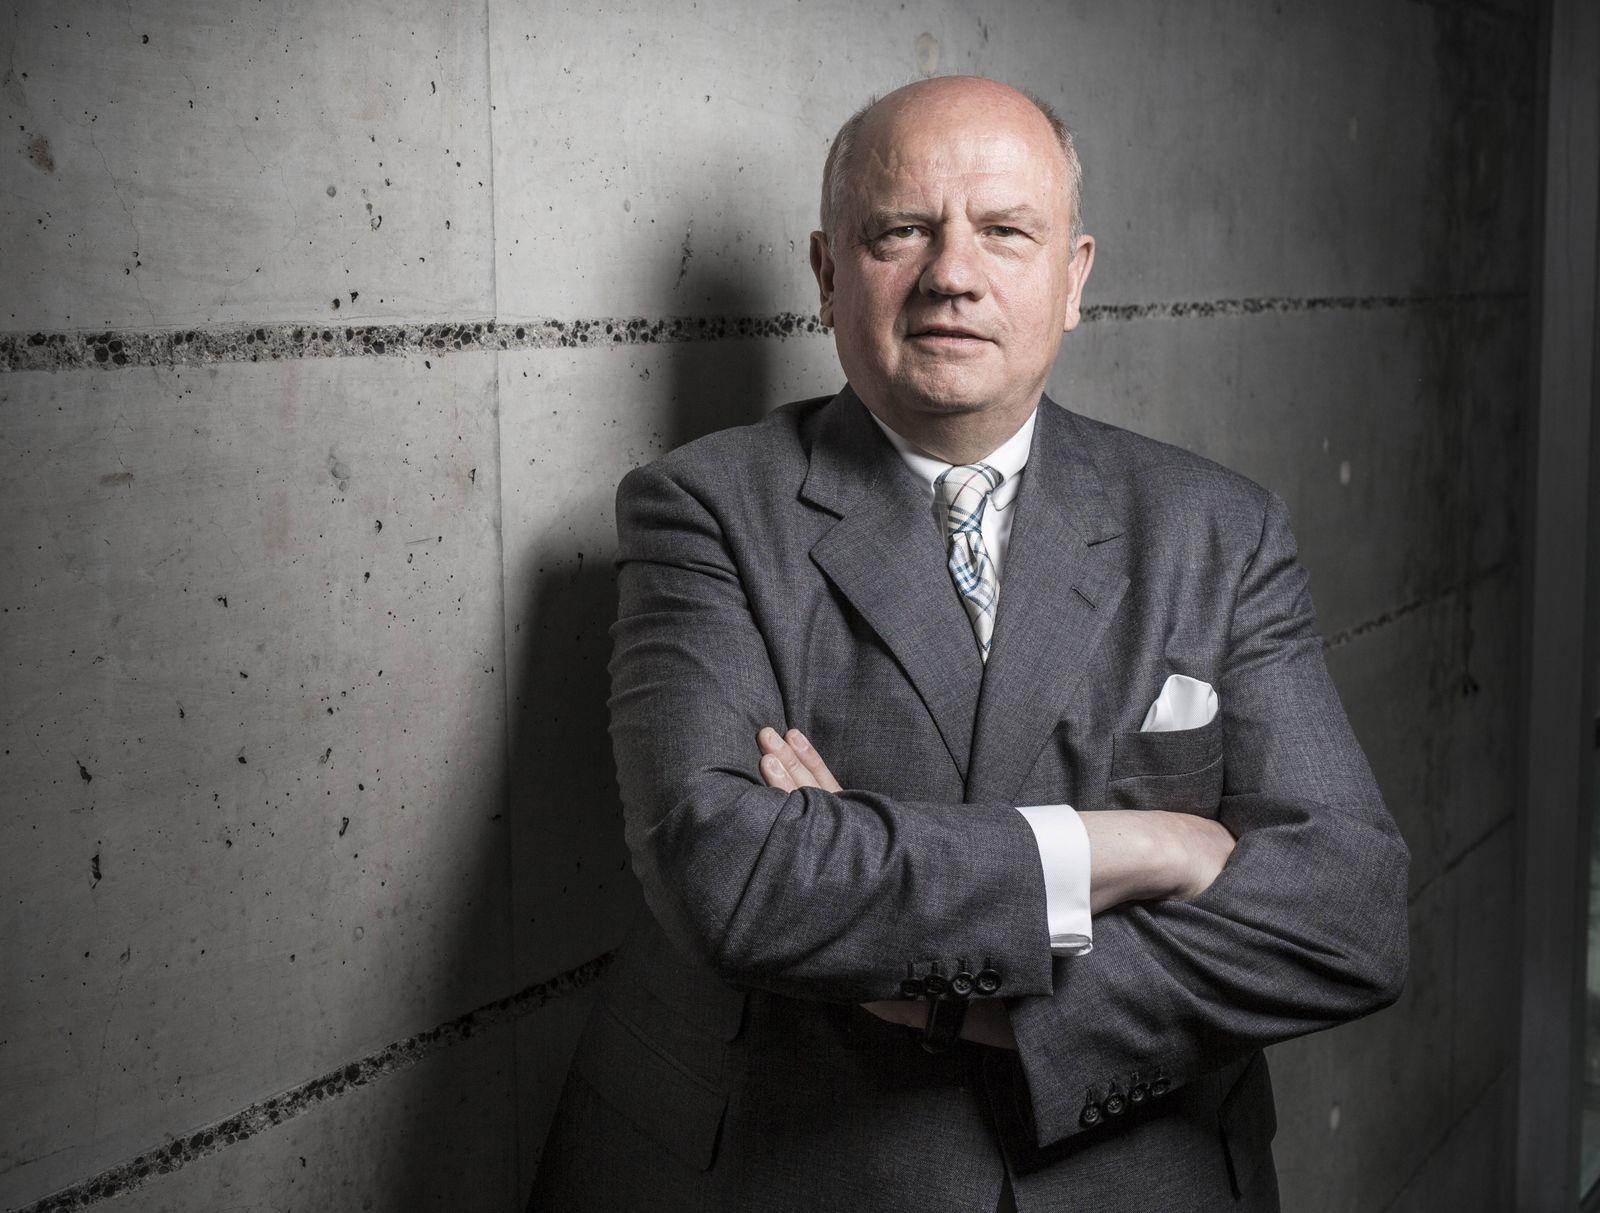 Martin Richenhagen Vorstandsvorsitzender AGCO Corporationn Muenchen 19 03 2013 Deutschland PUBLI